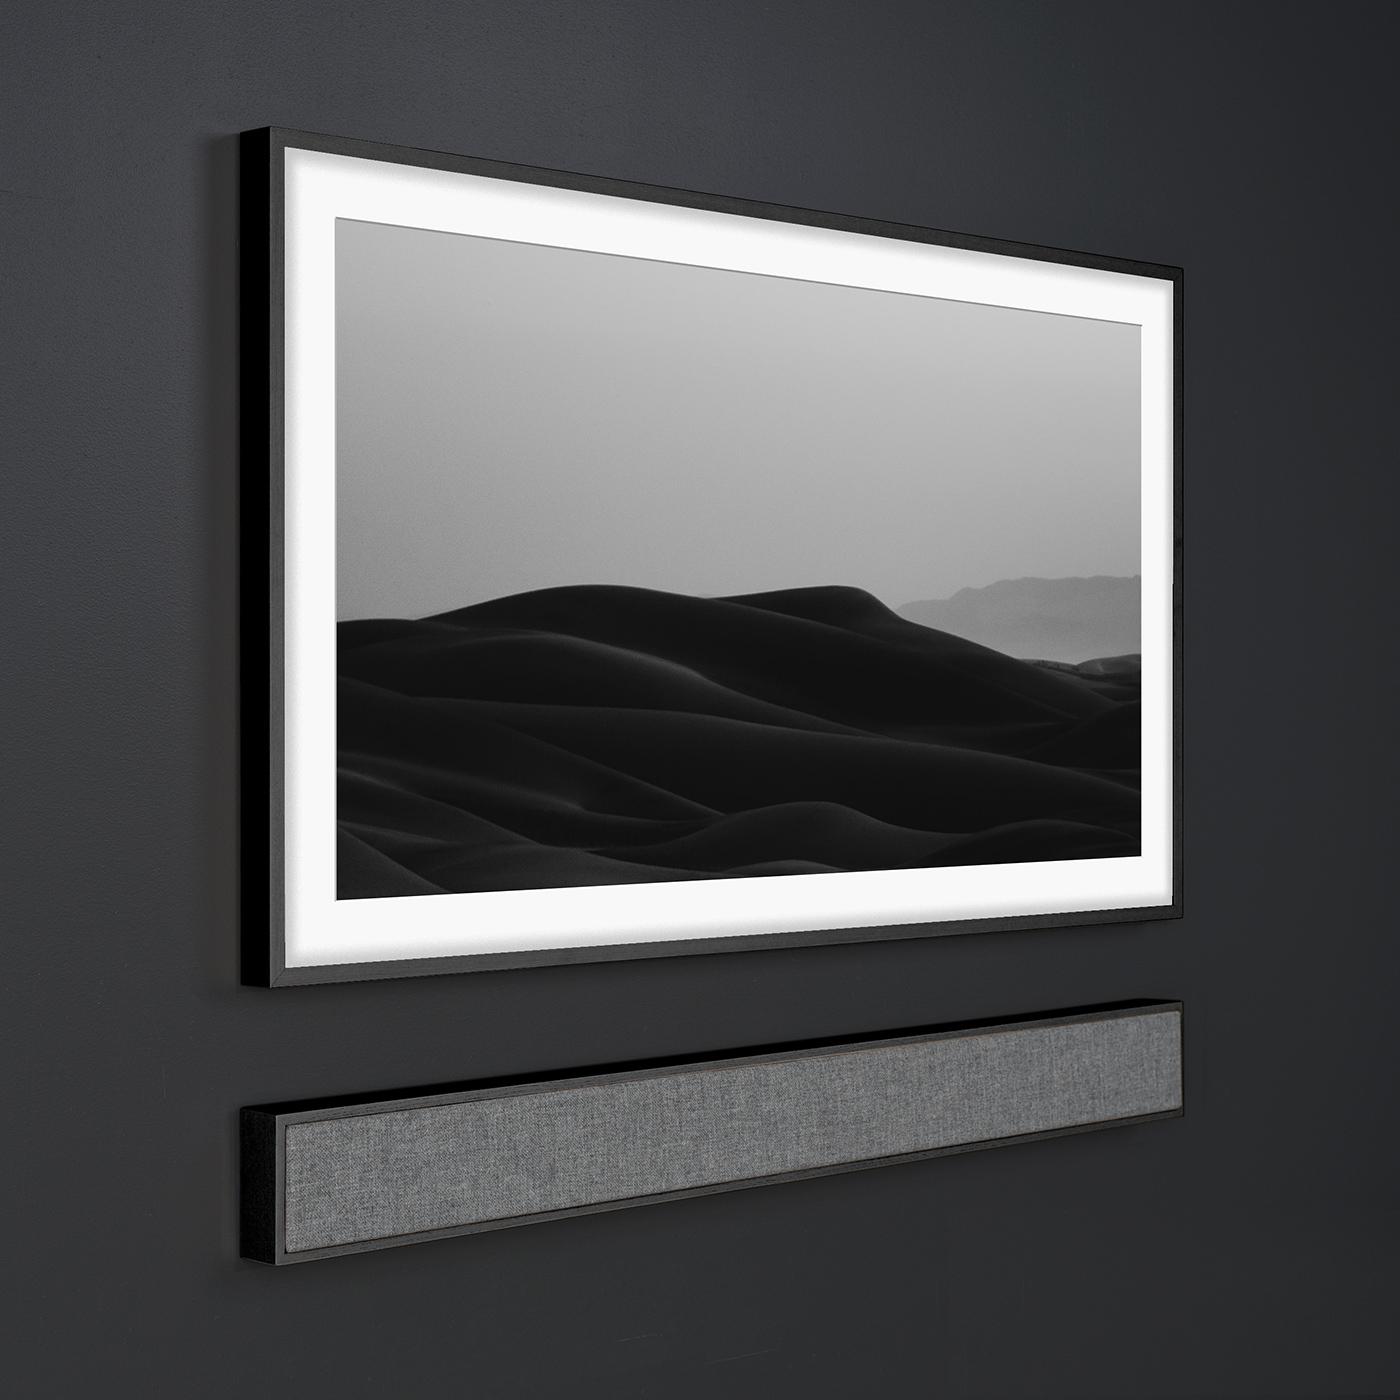 The FrameBar by Leon Speakers